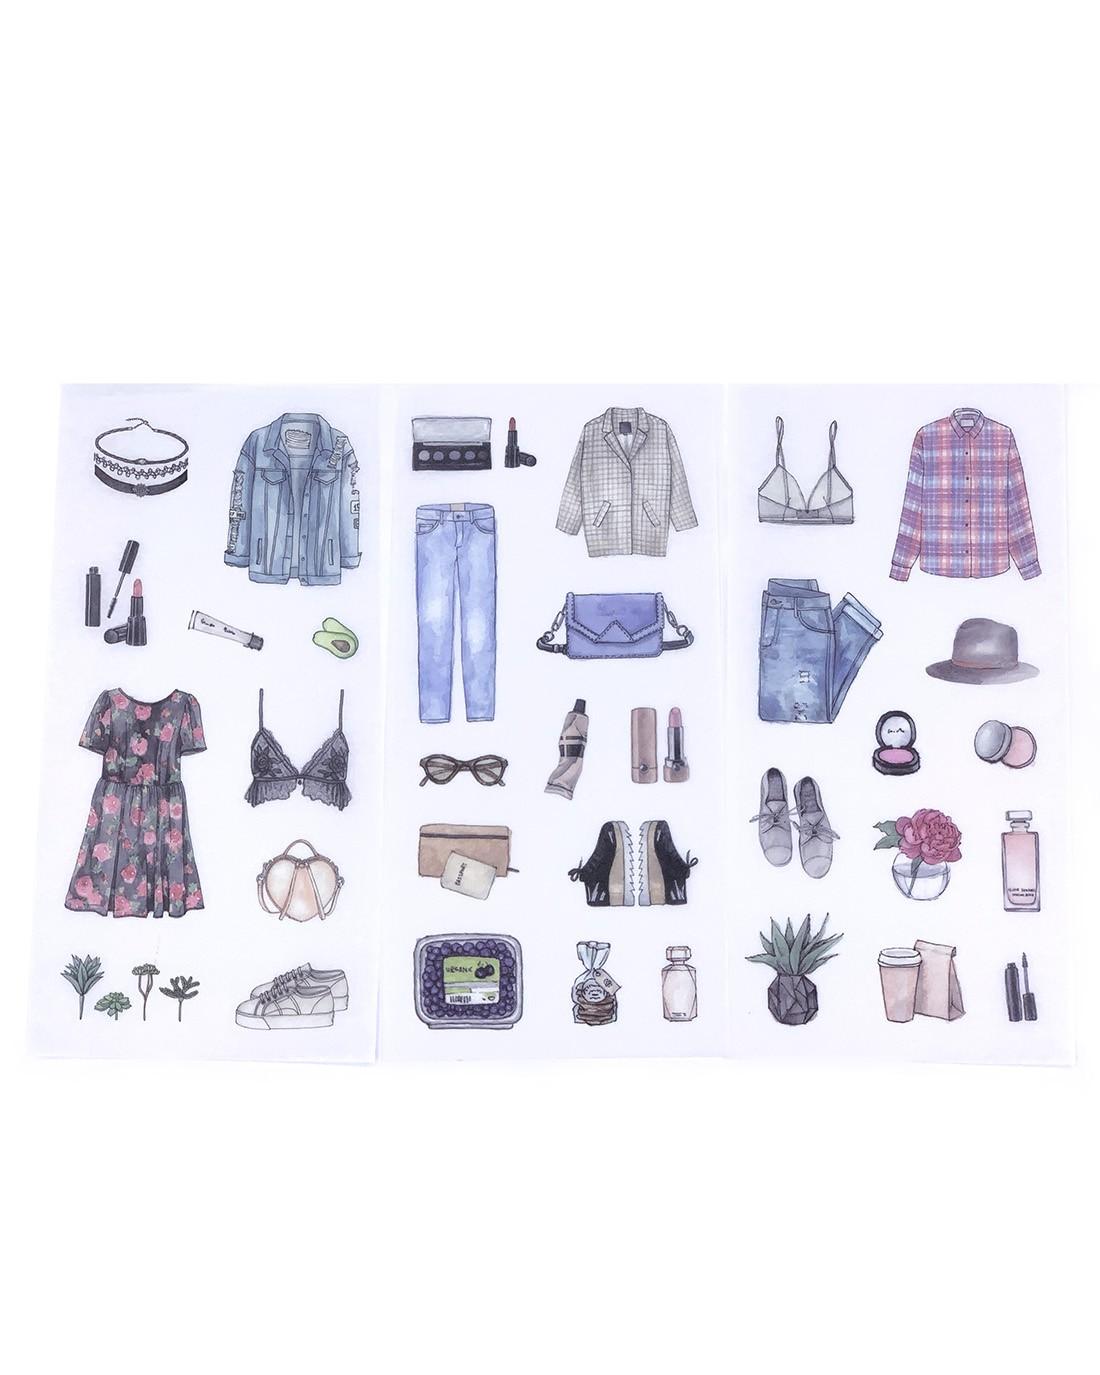 Kit de adesivos Outfit